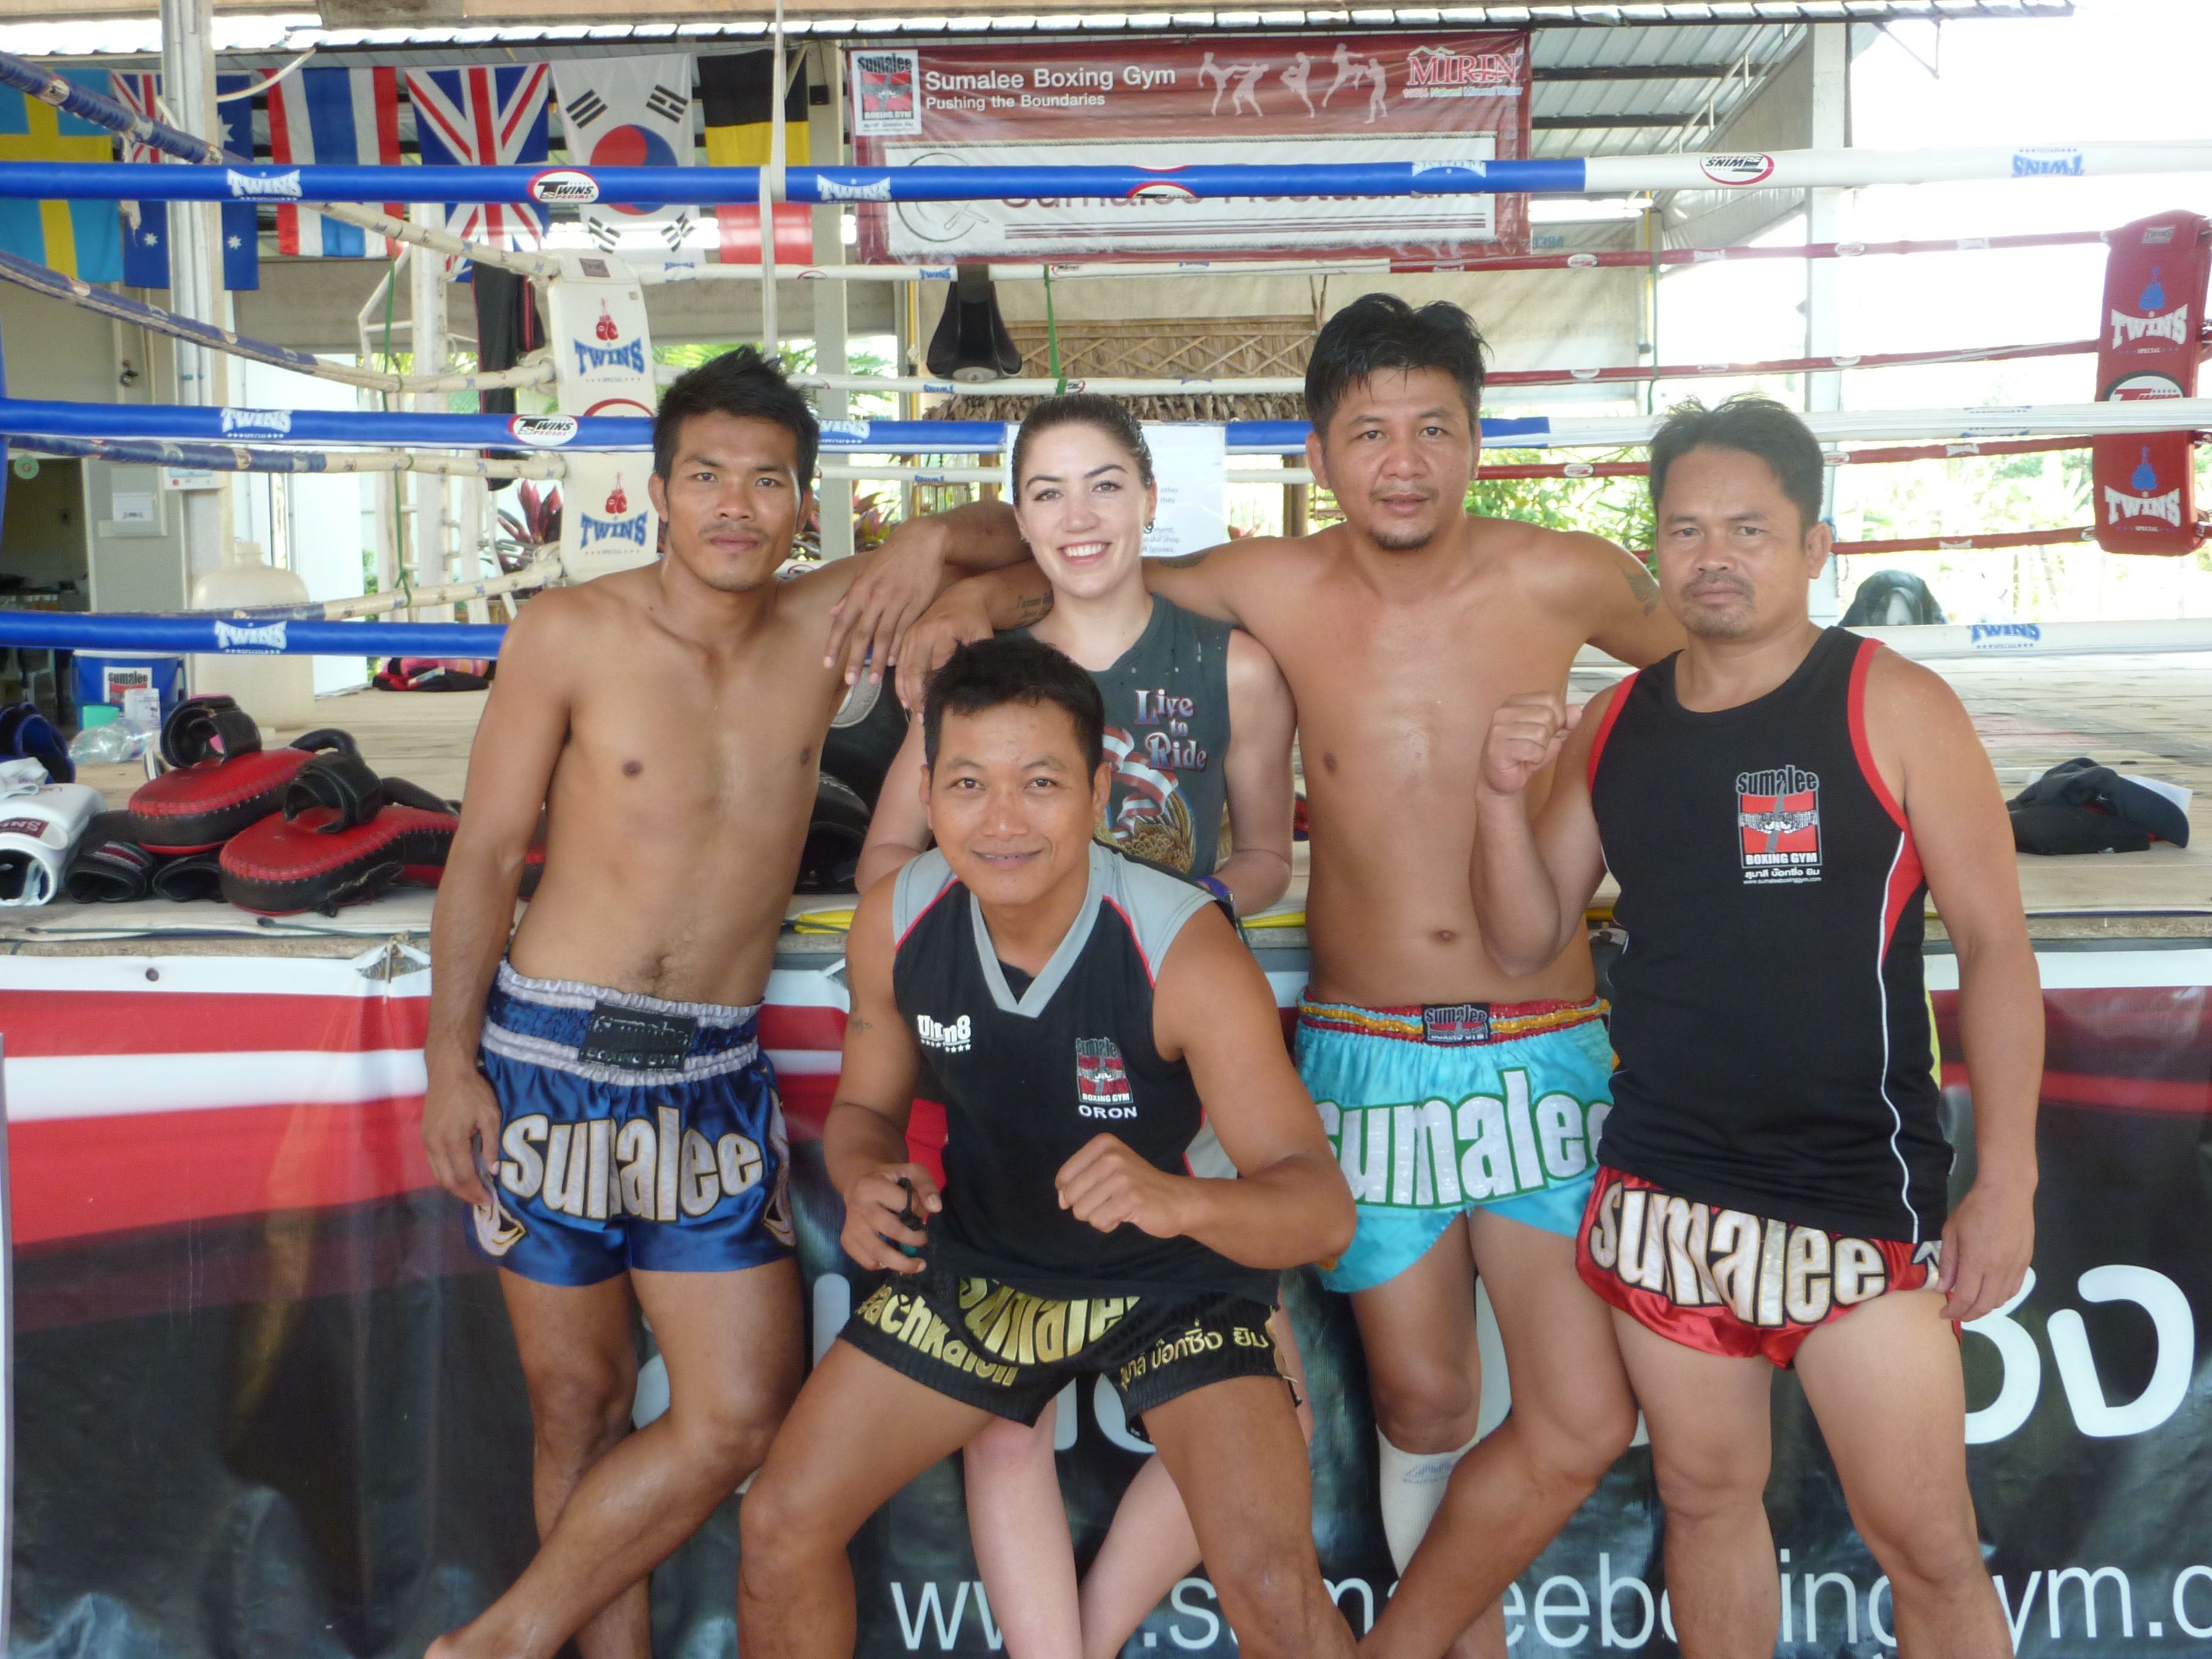 Phuket sumalee boxing gym boxing gym muay thai phuket